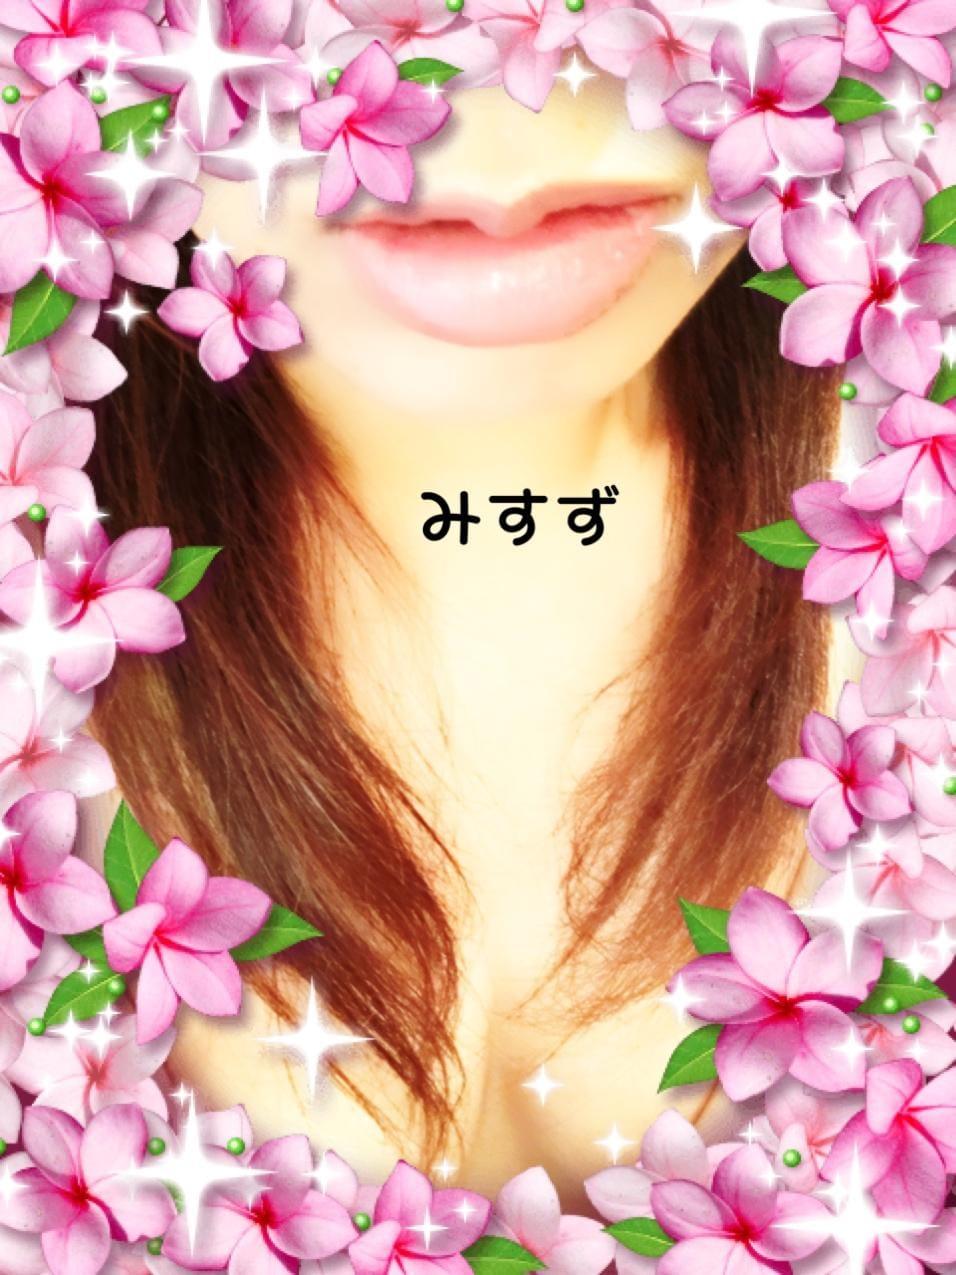 「おはようございます」12/11(火) 07:42 | ミスズの写メ・風俗動画